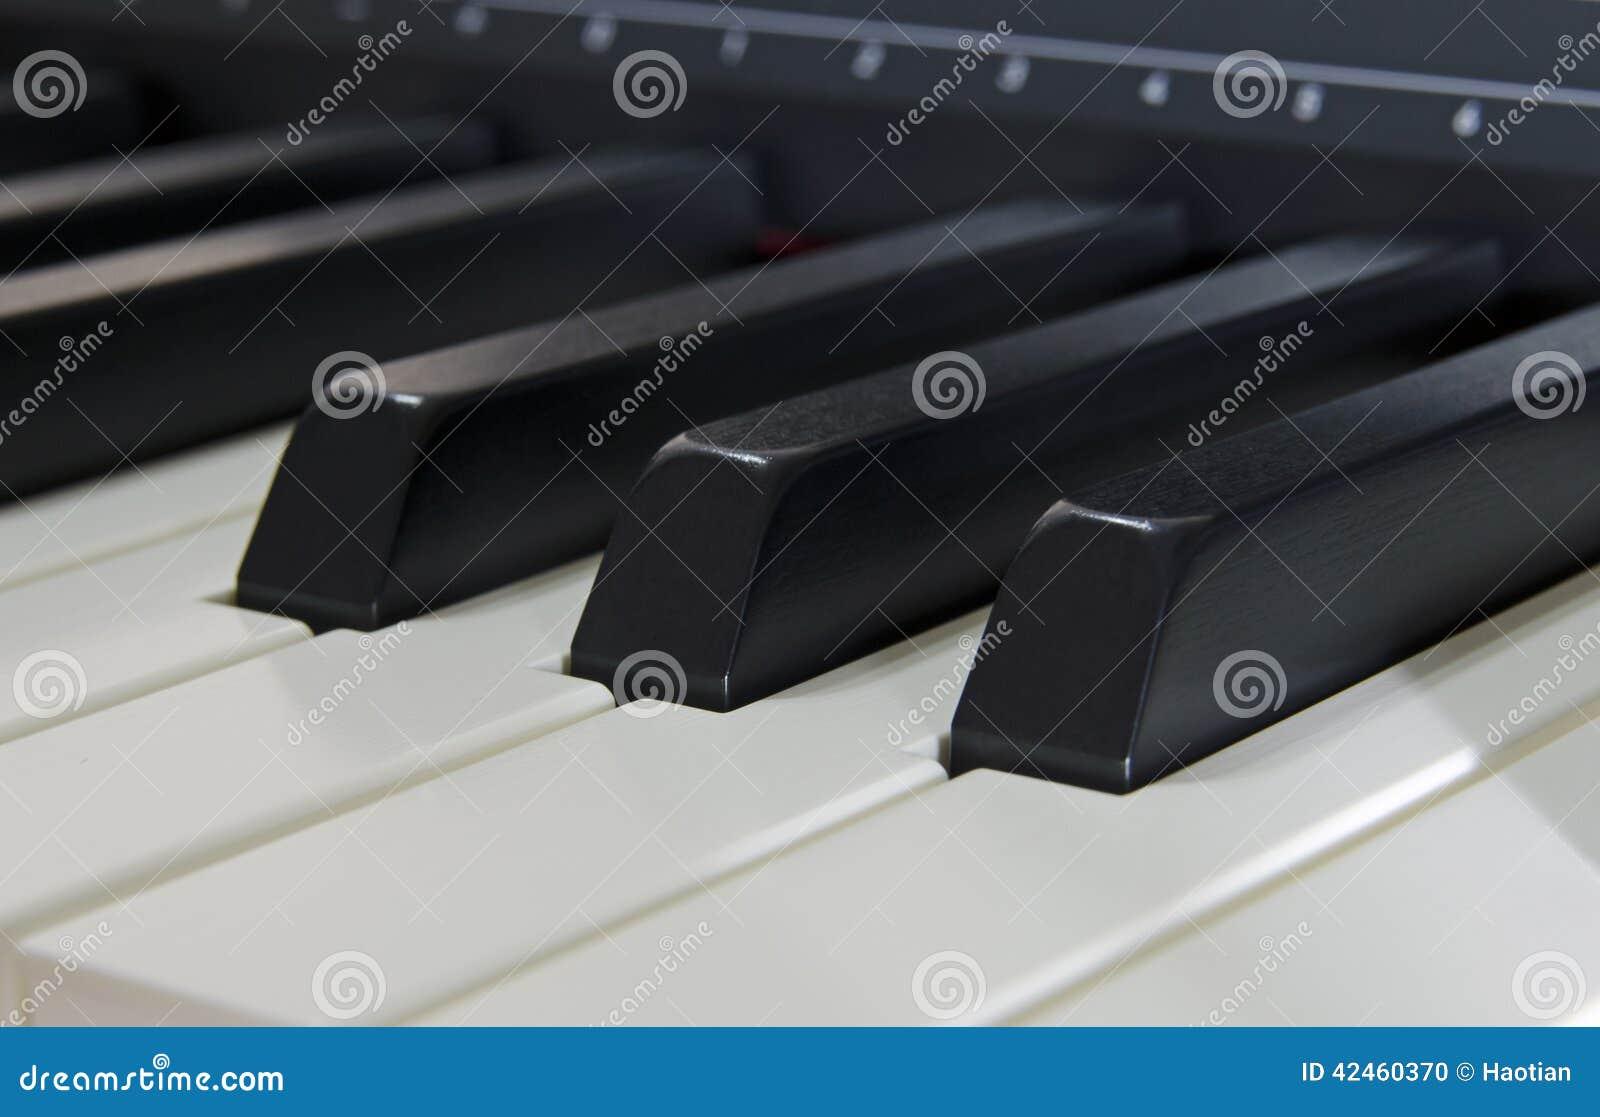 Digitalpianoschlüssel